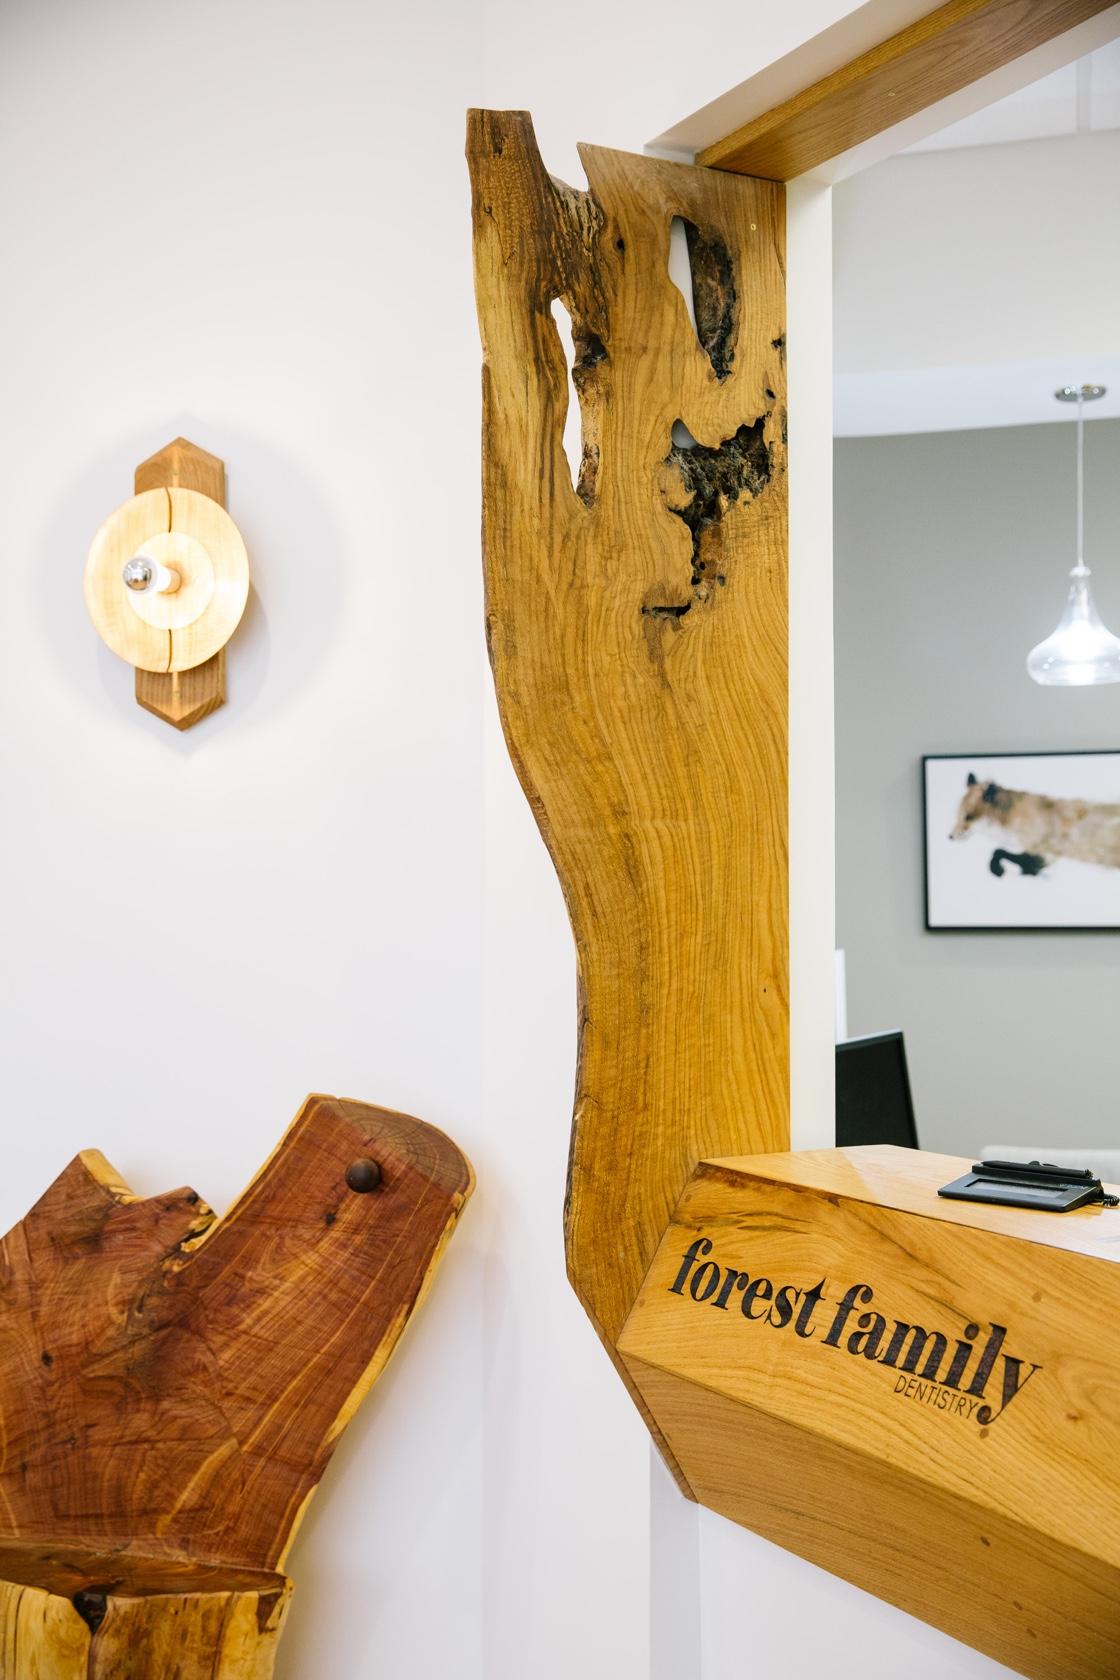 Forest Family Dentistry Office 2 | Springer Design Studio